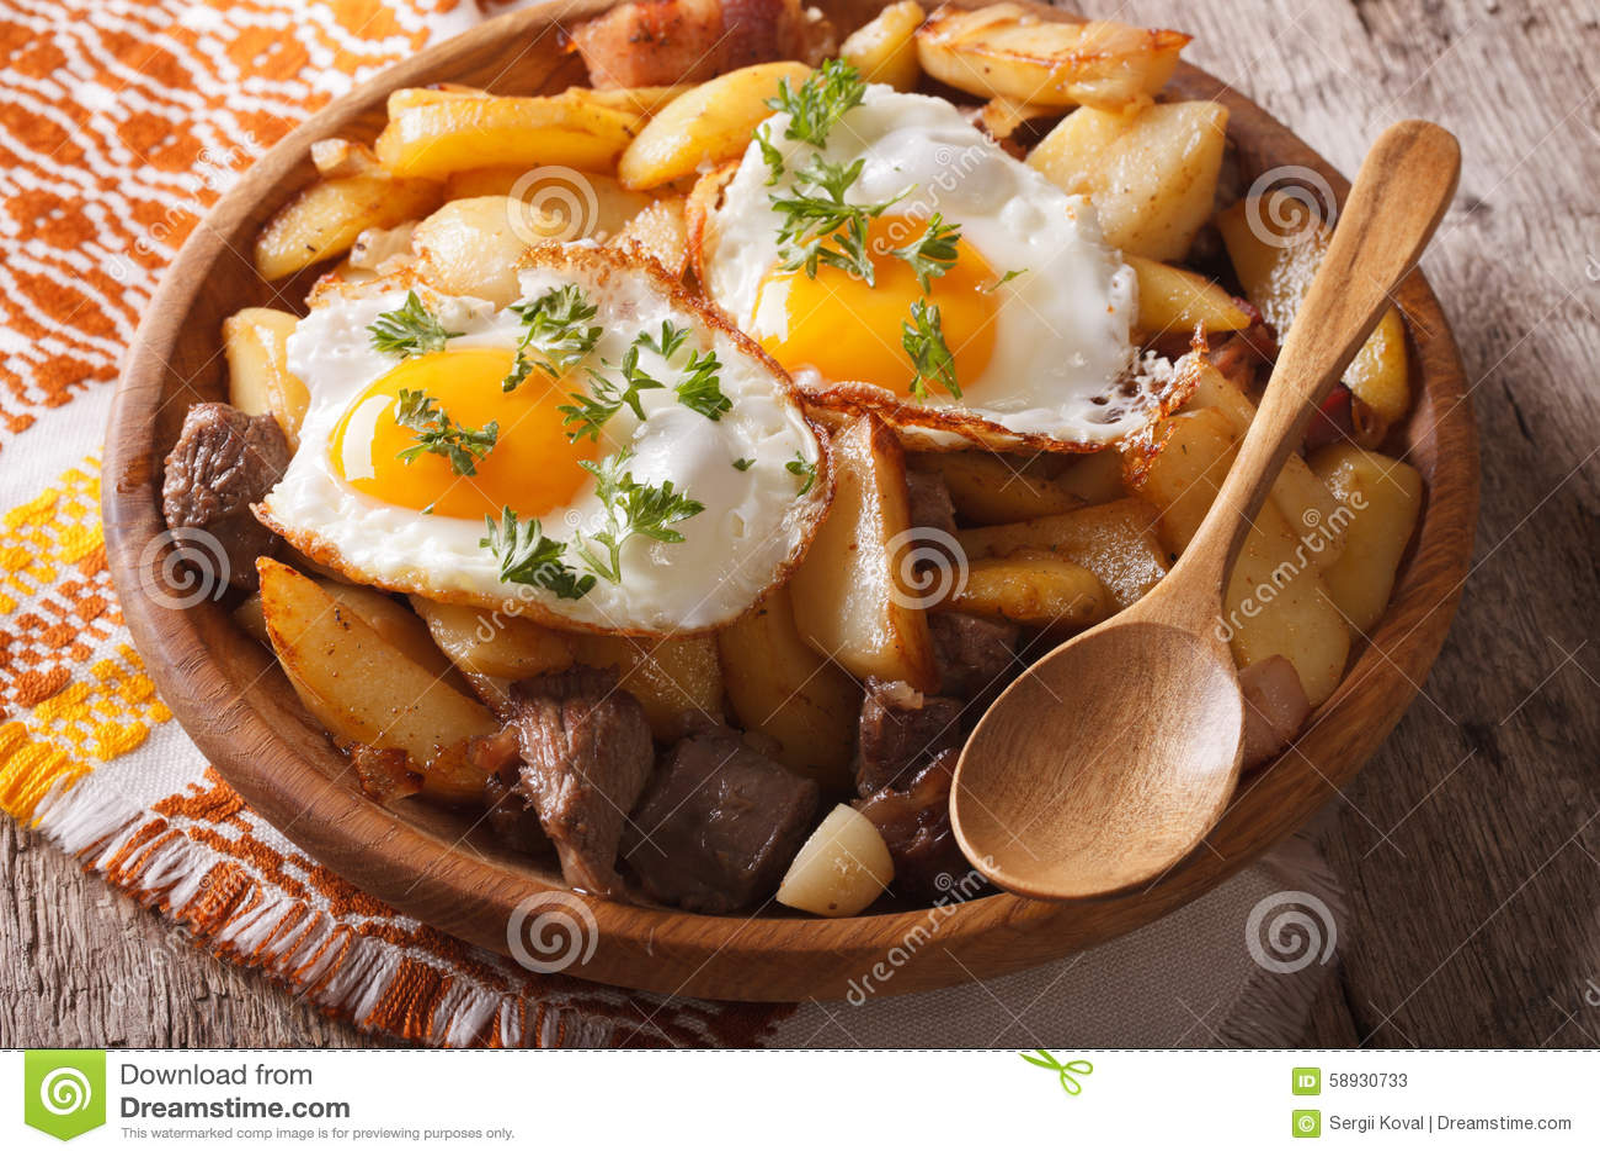 tiroler küche: gebratene kartoffeln mit fleisch und einahaufnahme